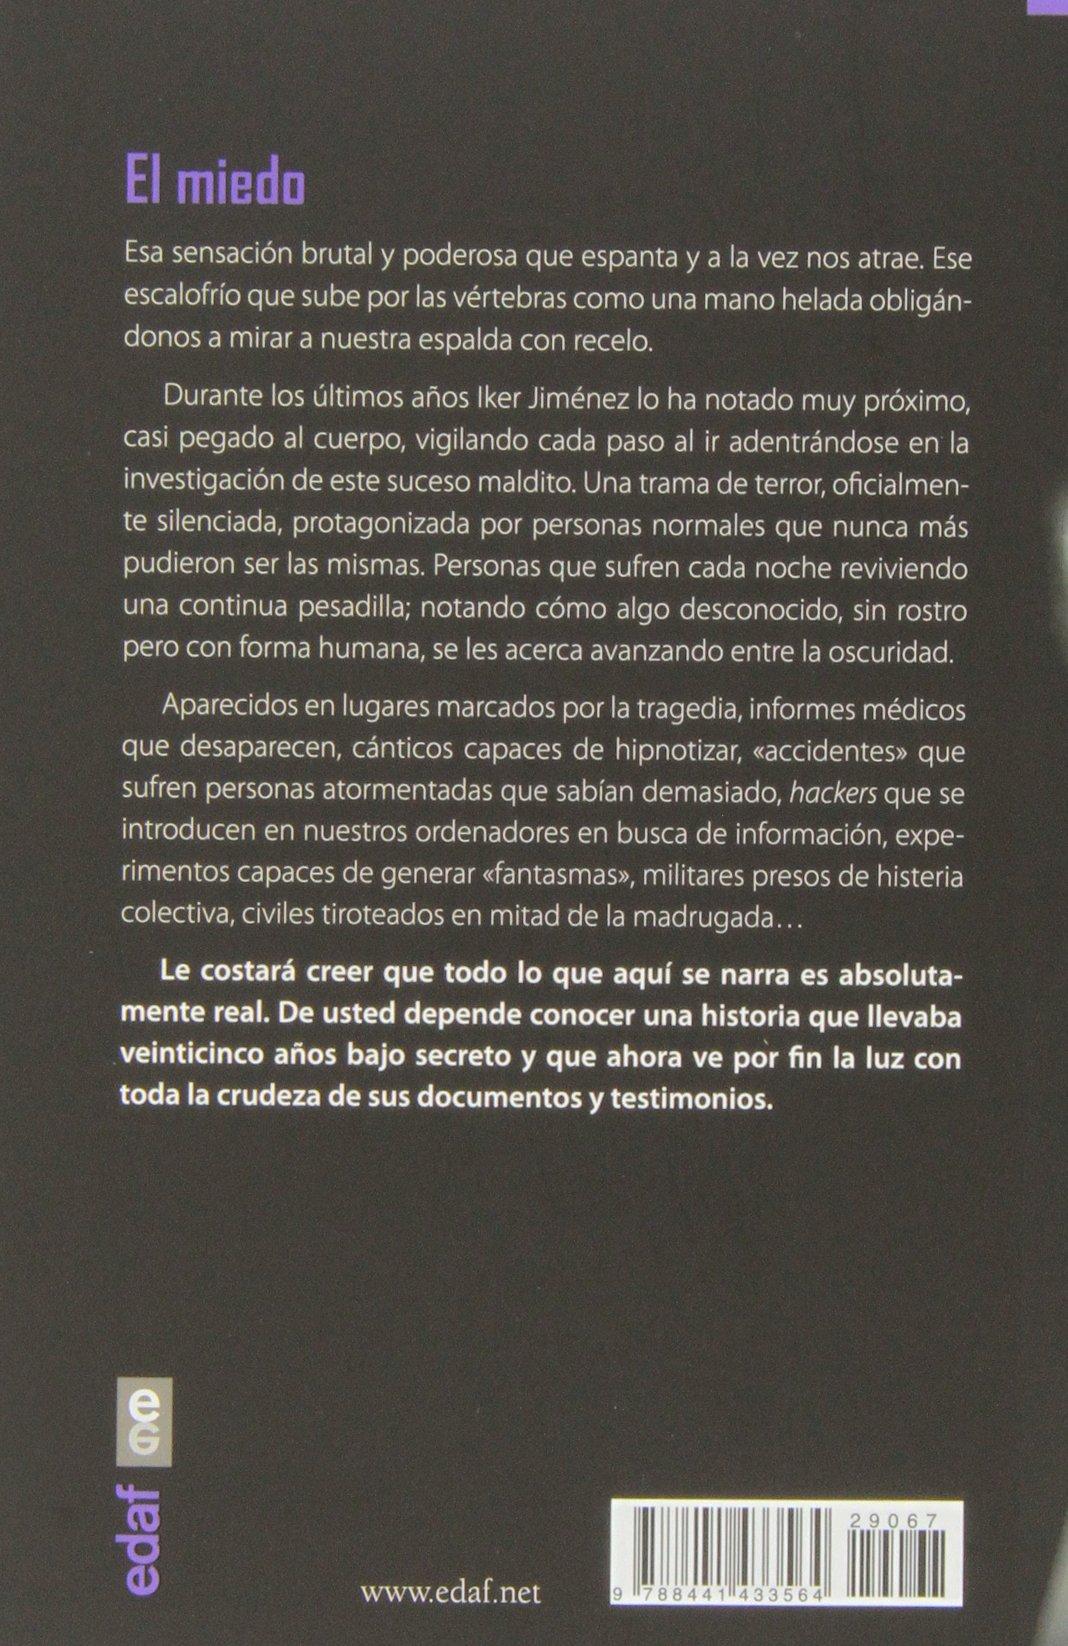 LA NOCHE DEL MIEDO (Mundo Mágico Y Heterodoxo): Amazon.es: IKER ...